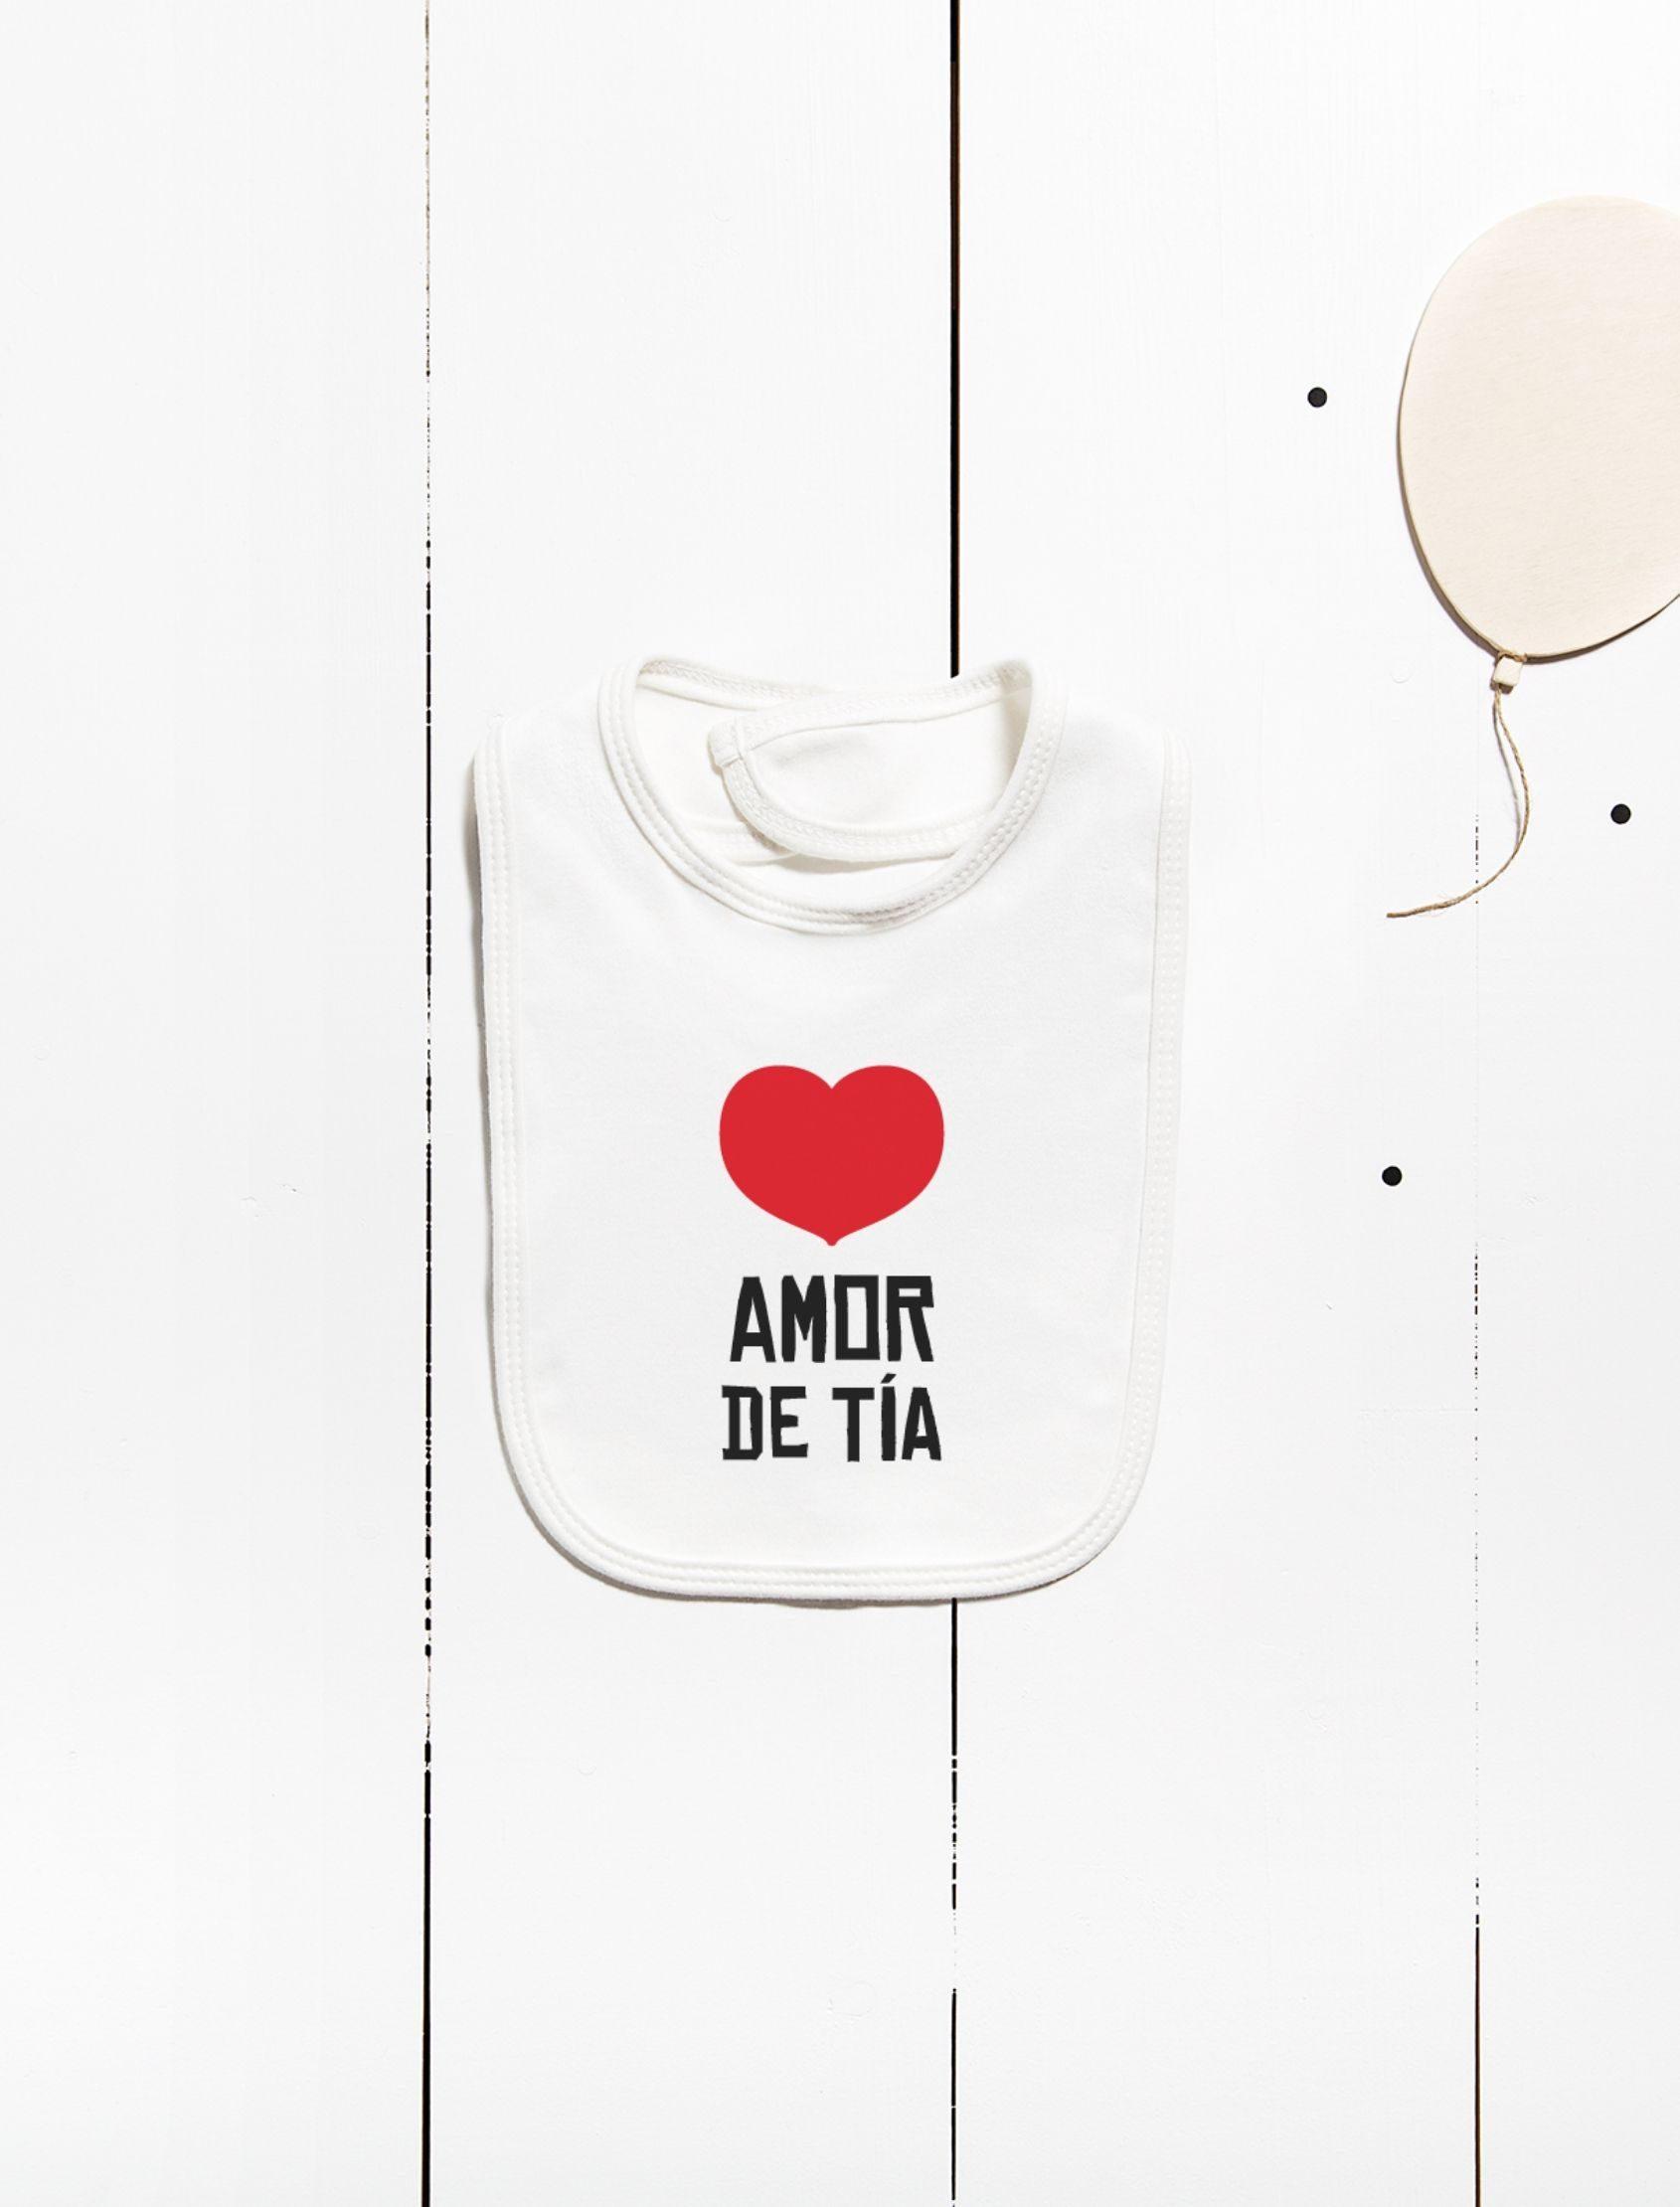 babero amor de tía en algodón con mensaje amor de tia y corazón rojo